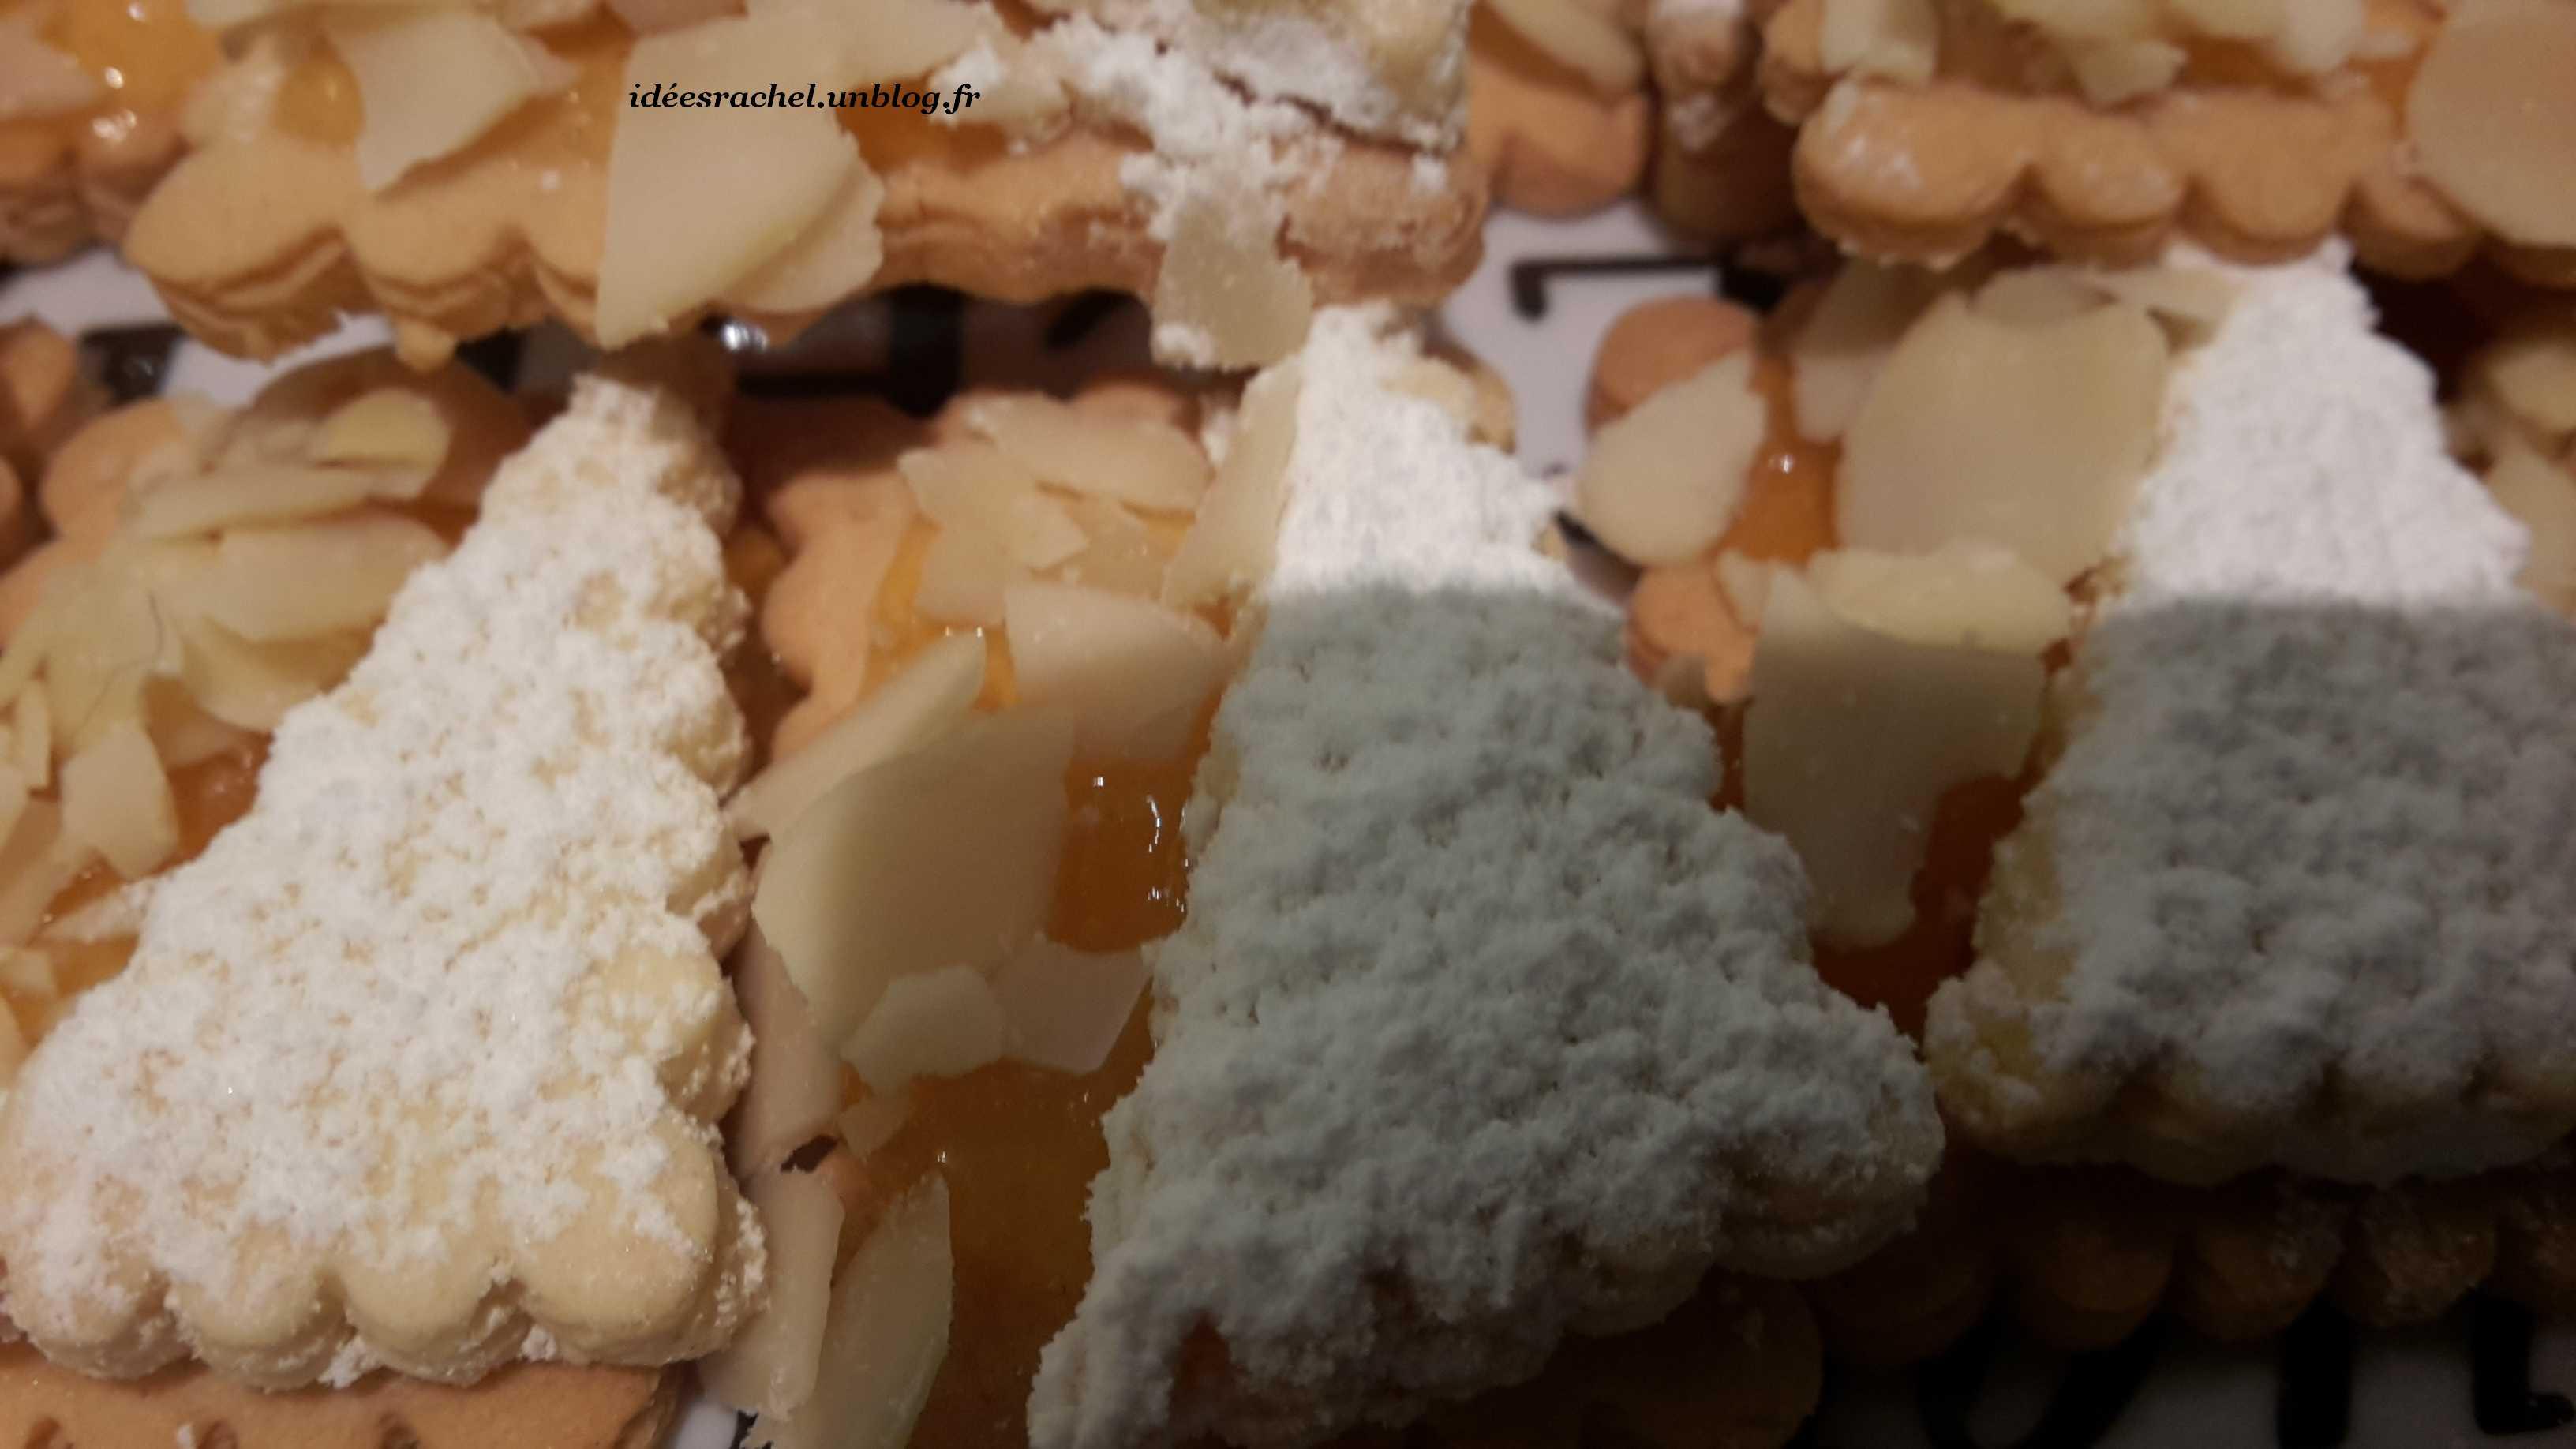 Les id es de rachel sabl s la confiture d abricot - Recette sable confiture maizena ...